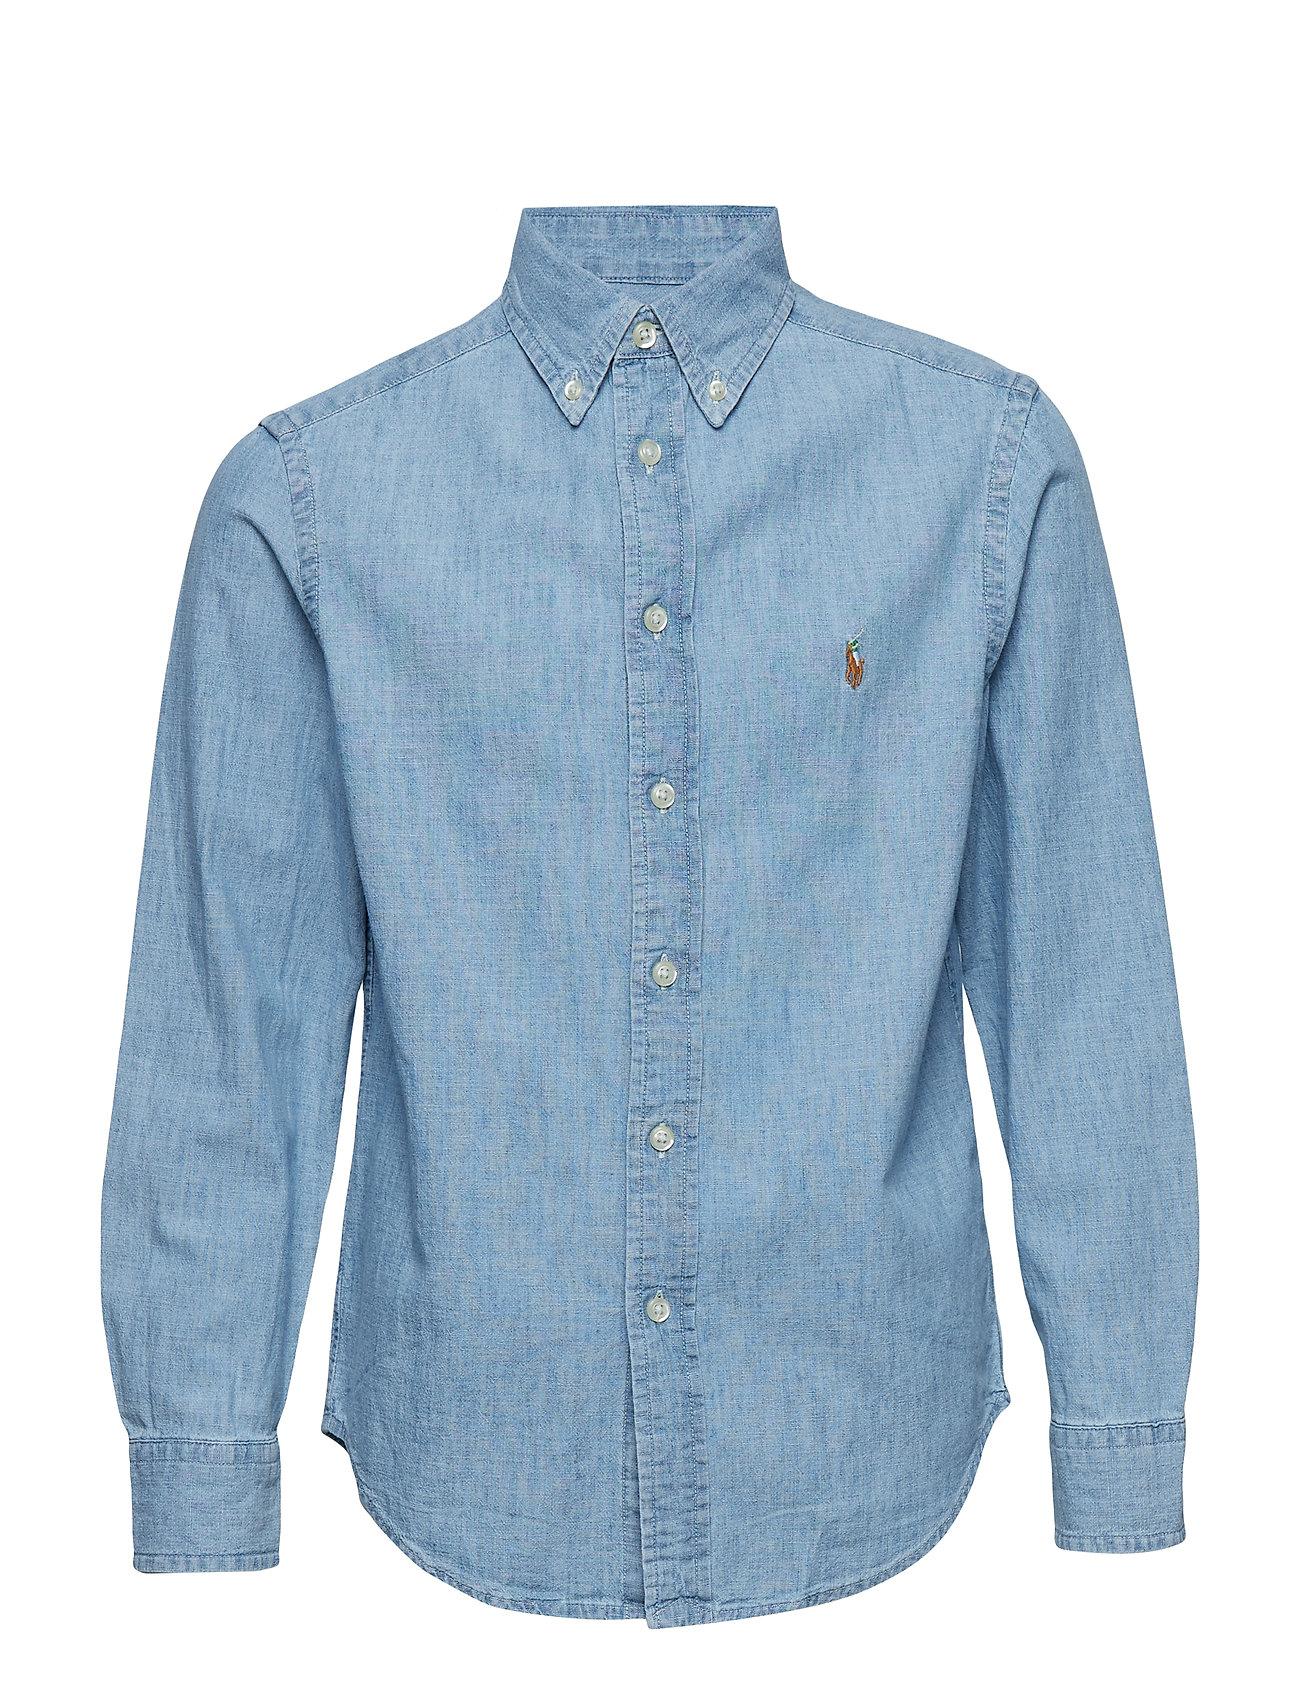 Ralph Lauren Kids Cotton Chambray Shirt - LT BLUE